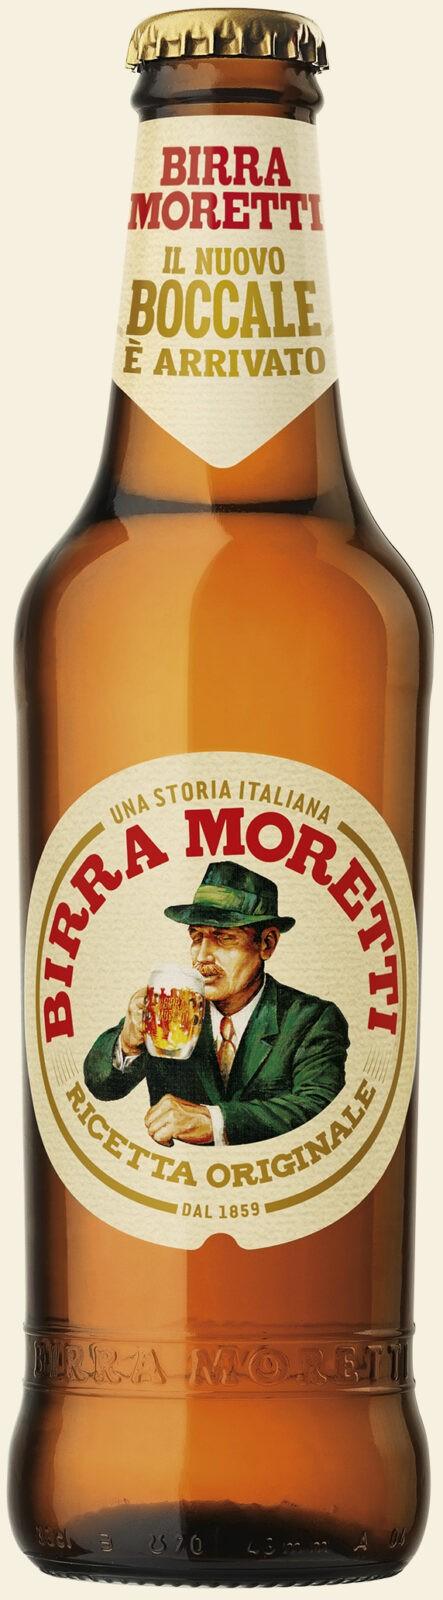 Birra Moretti Ricetta Originale 330ML